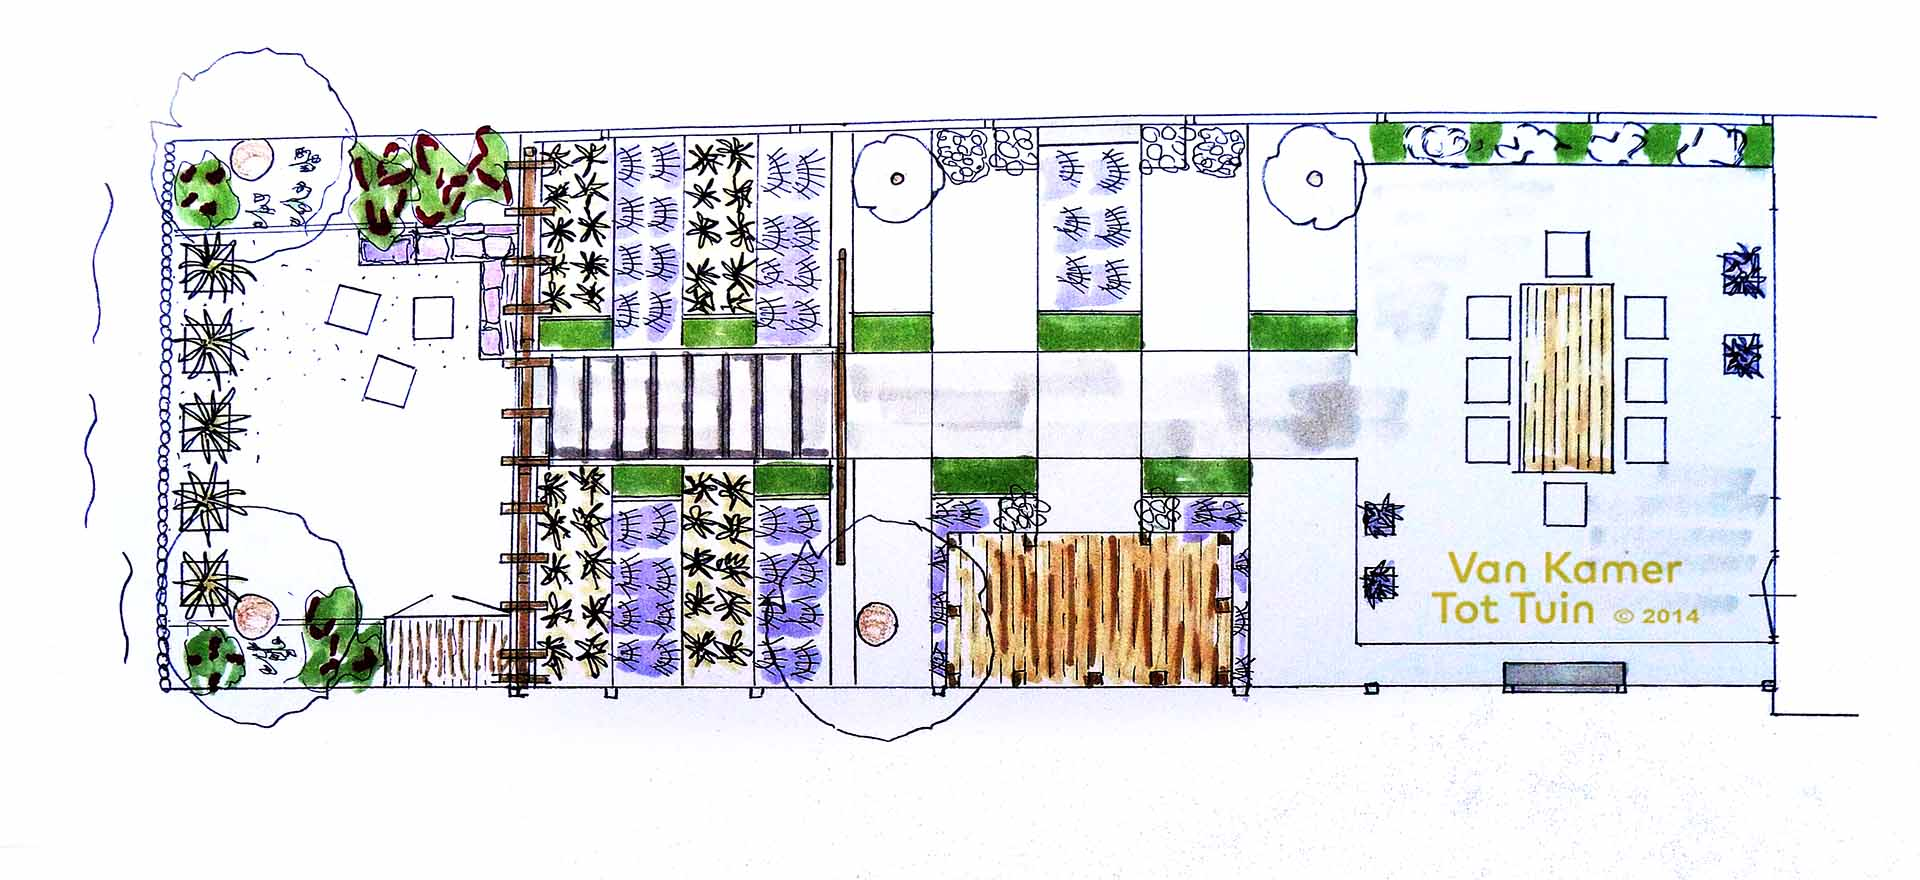 Stadstuin aan het water smal en diep van kamer tot for Plattegrond tuin maken